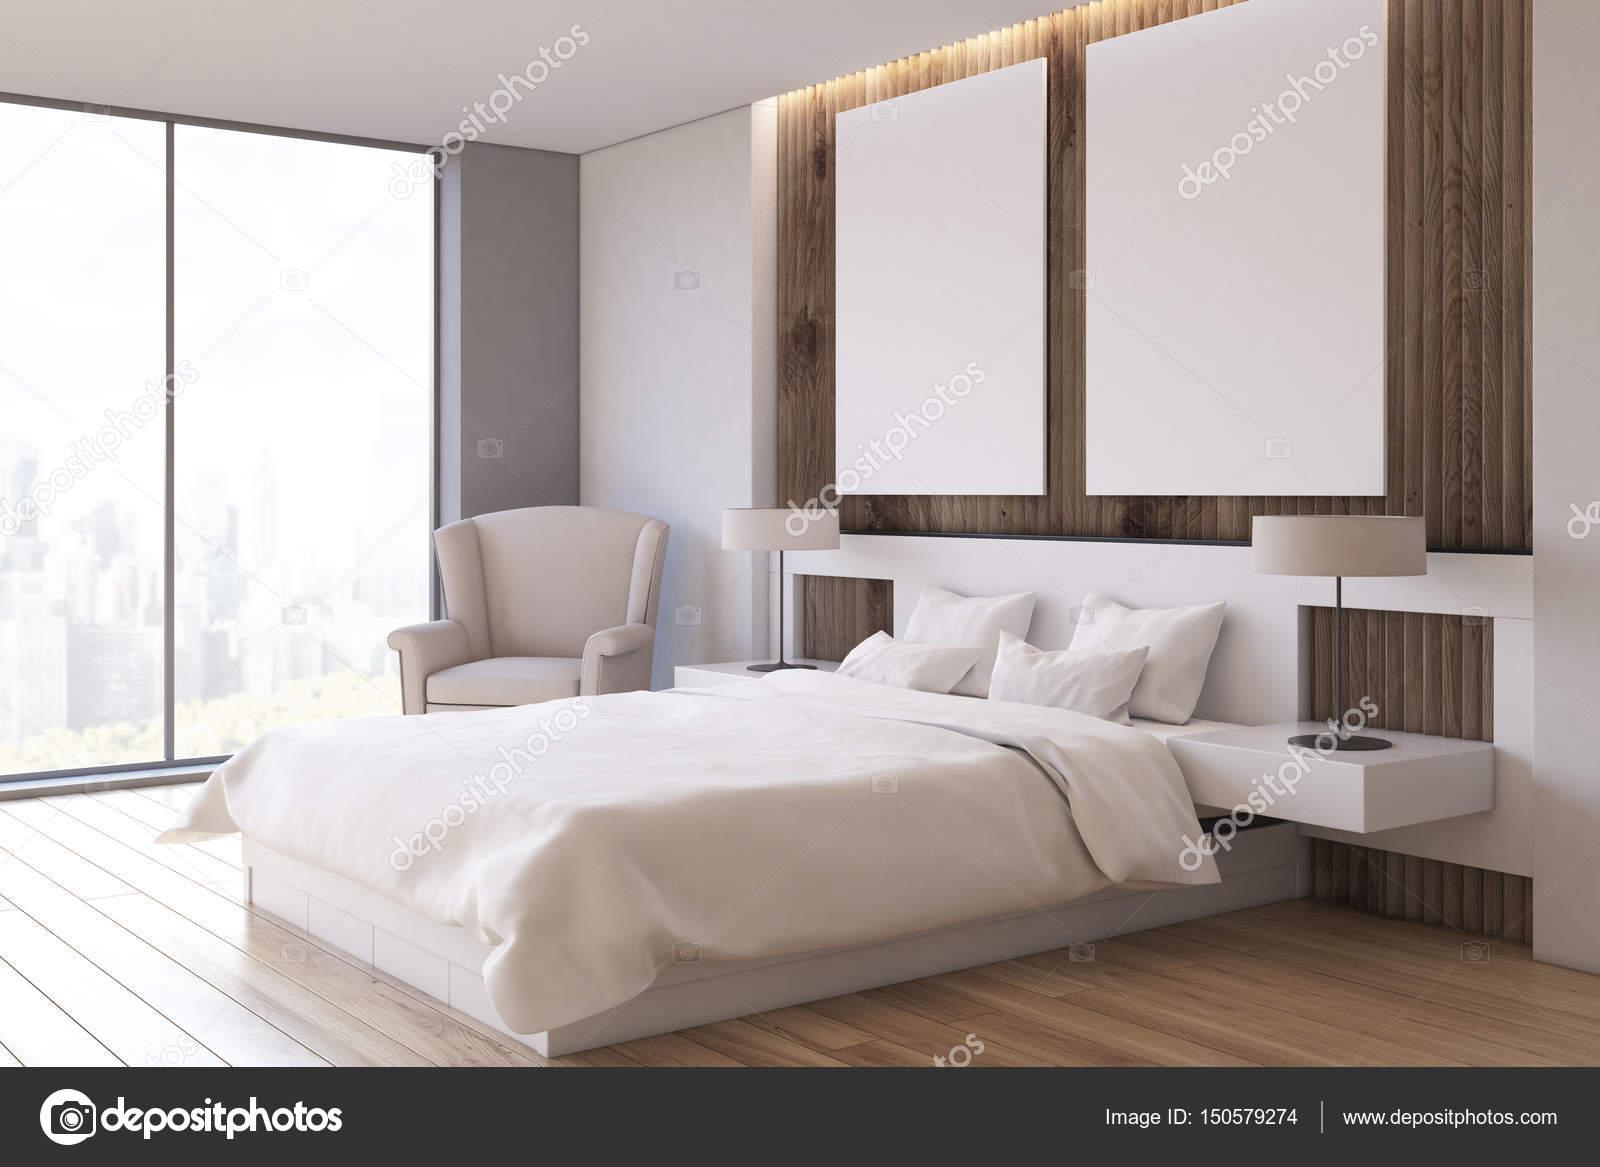 Zwei Poster Schlafzimmer Sessel Seite Stockfoto C Denisismagilov